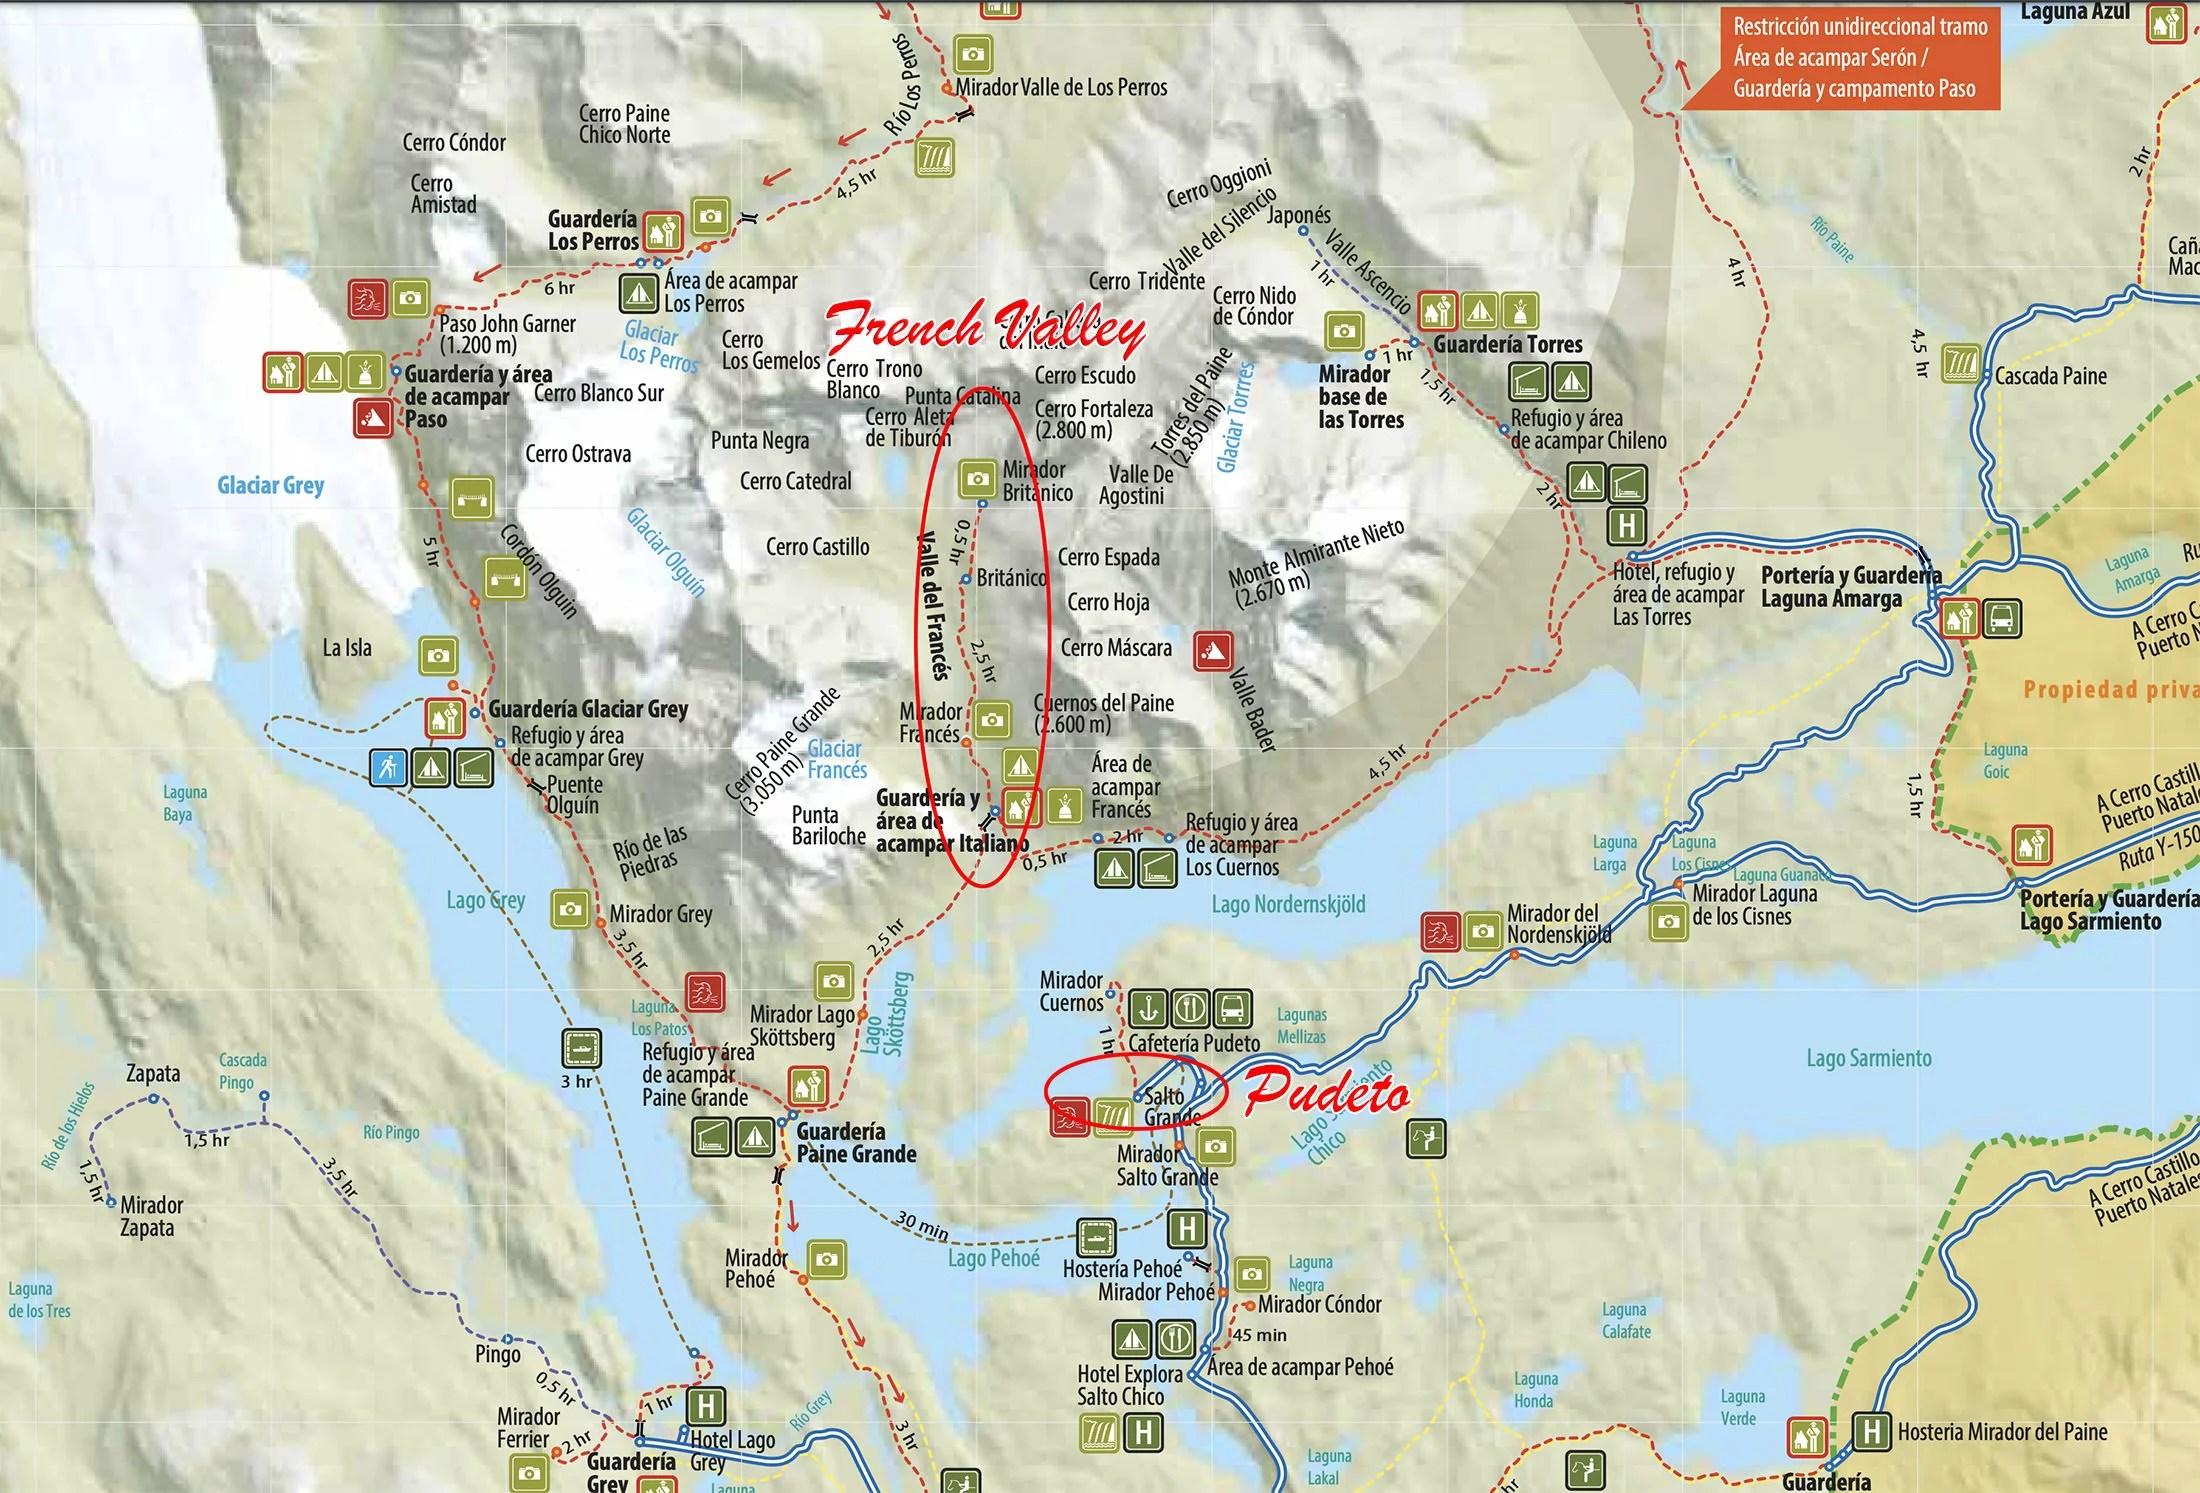 Французская Долина за день - карта Торрес-дель-Пайне, где отмечены долина и станция Пудето